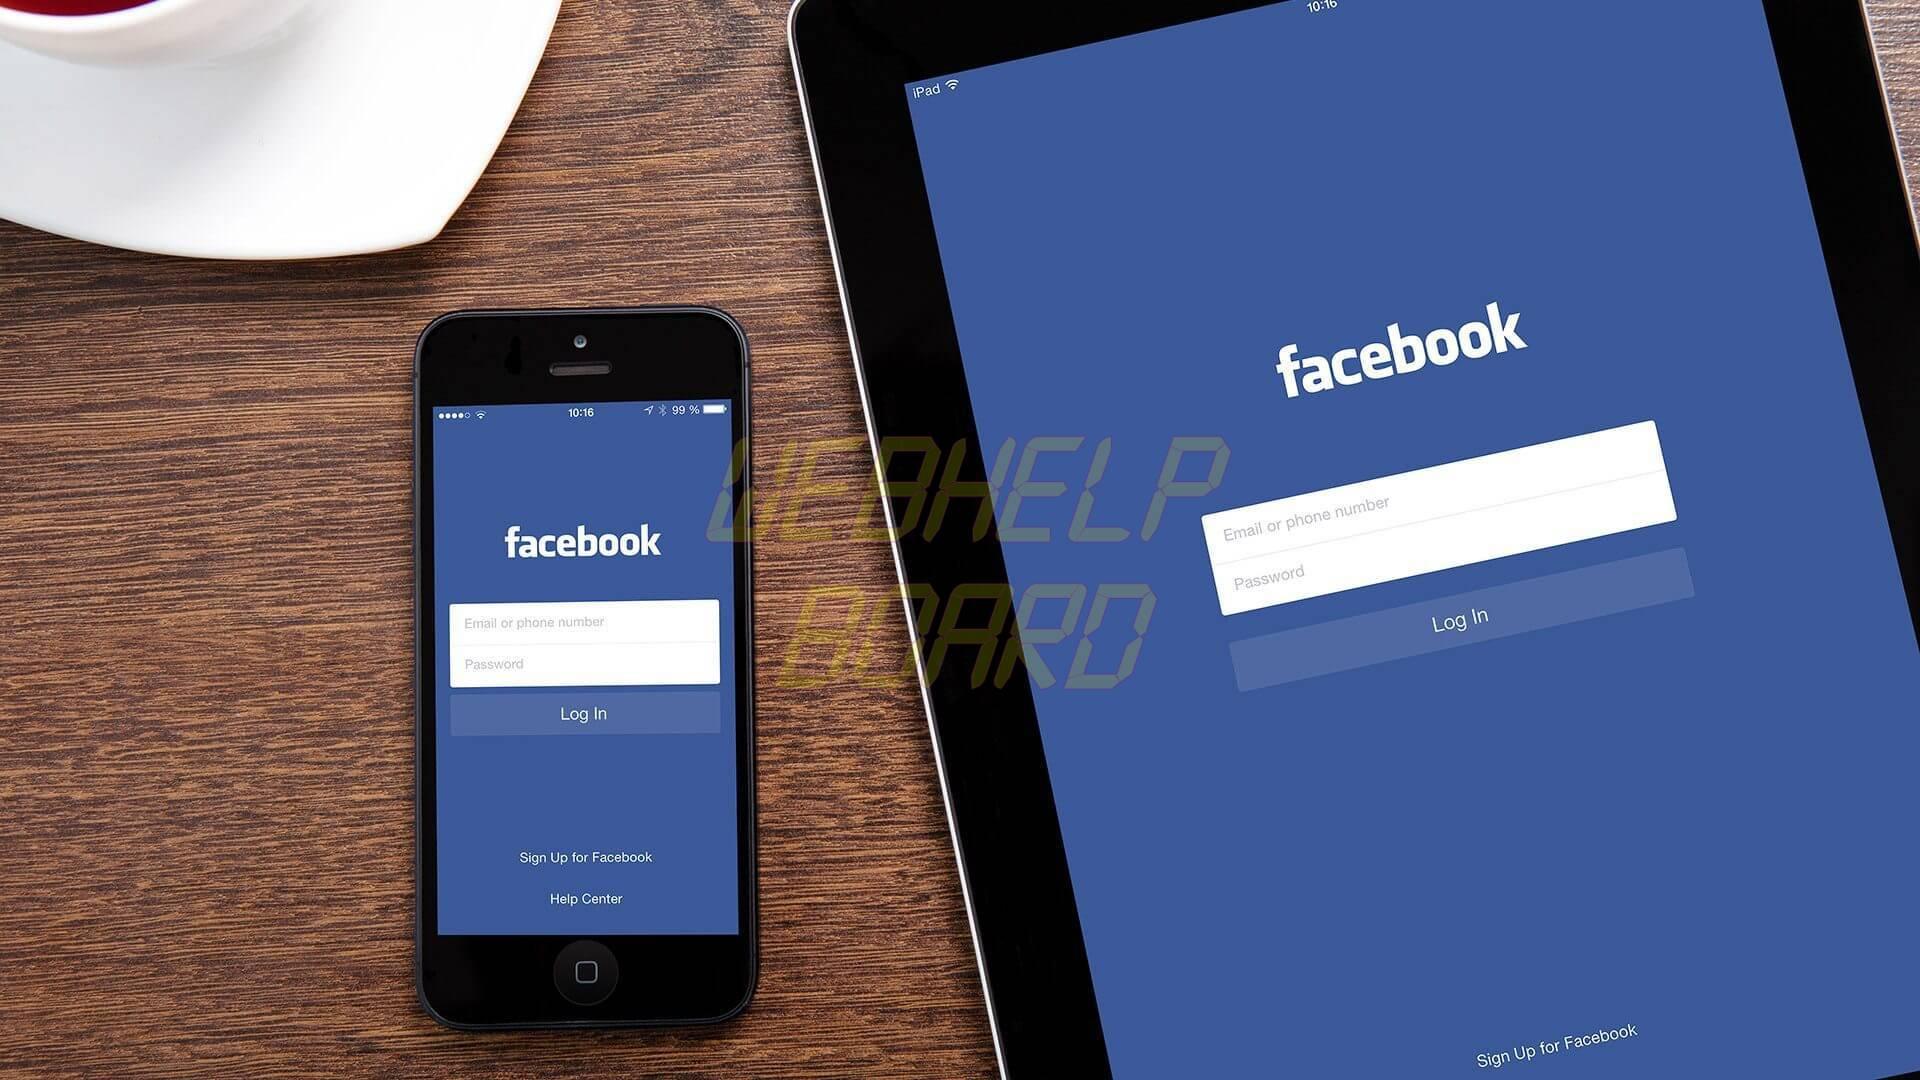 facebook mobile apps ss 1920 - Quer mais segurança? Conheça os itens que devem ser excluídos do seu Facebook